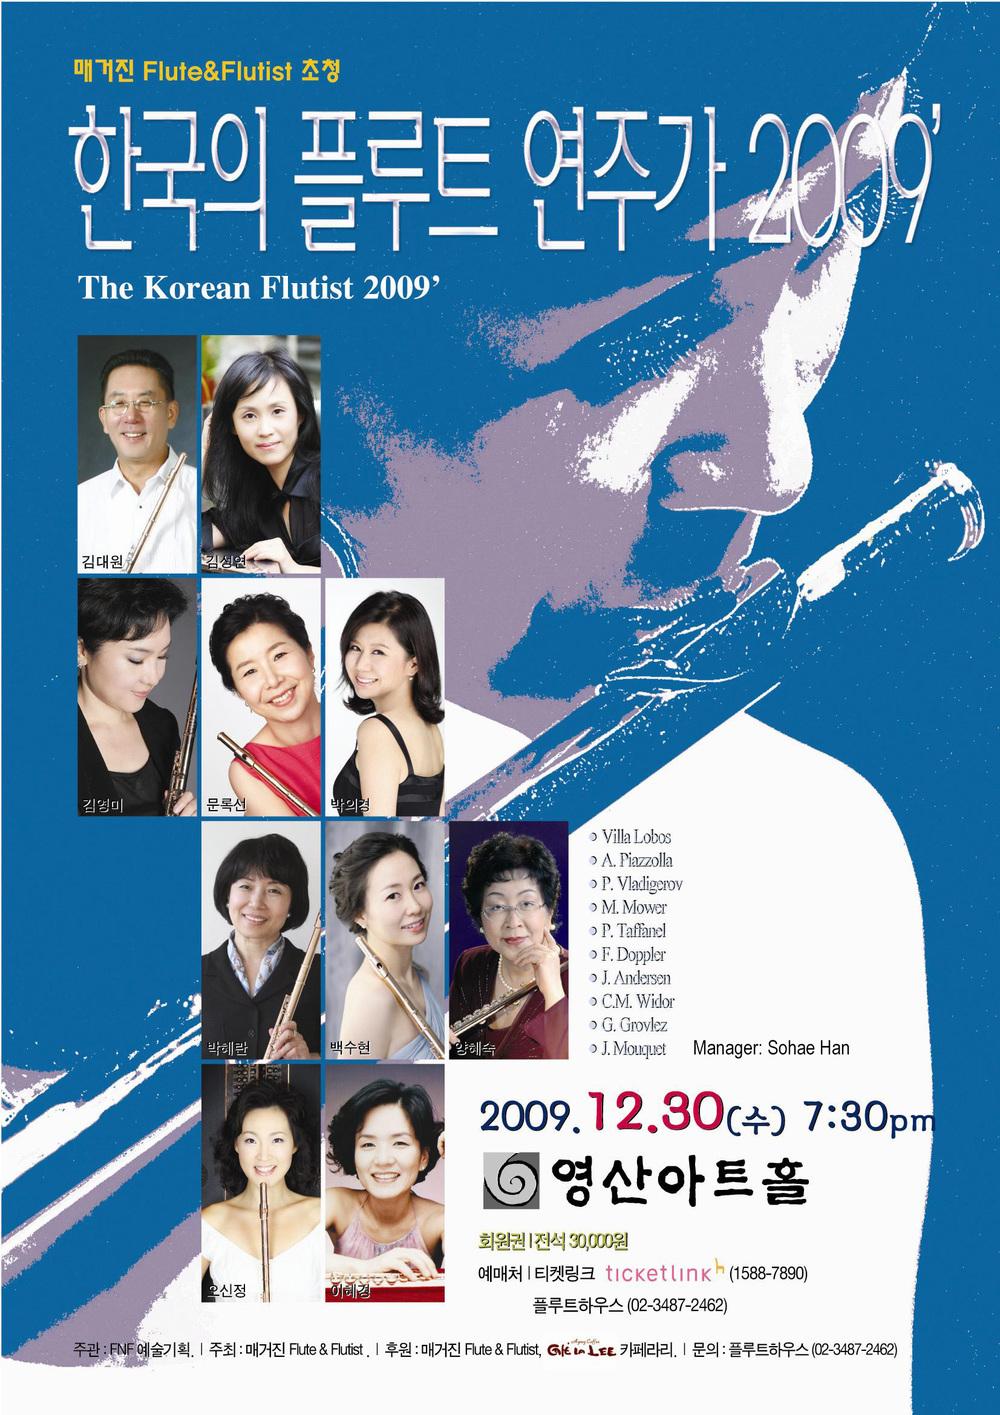 koreanflute2009.jpg